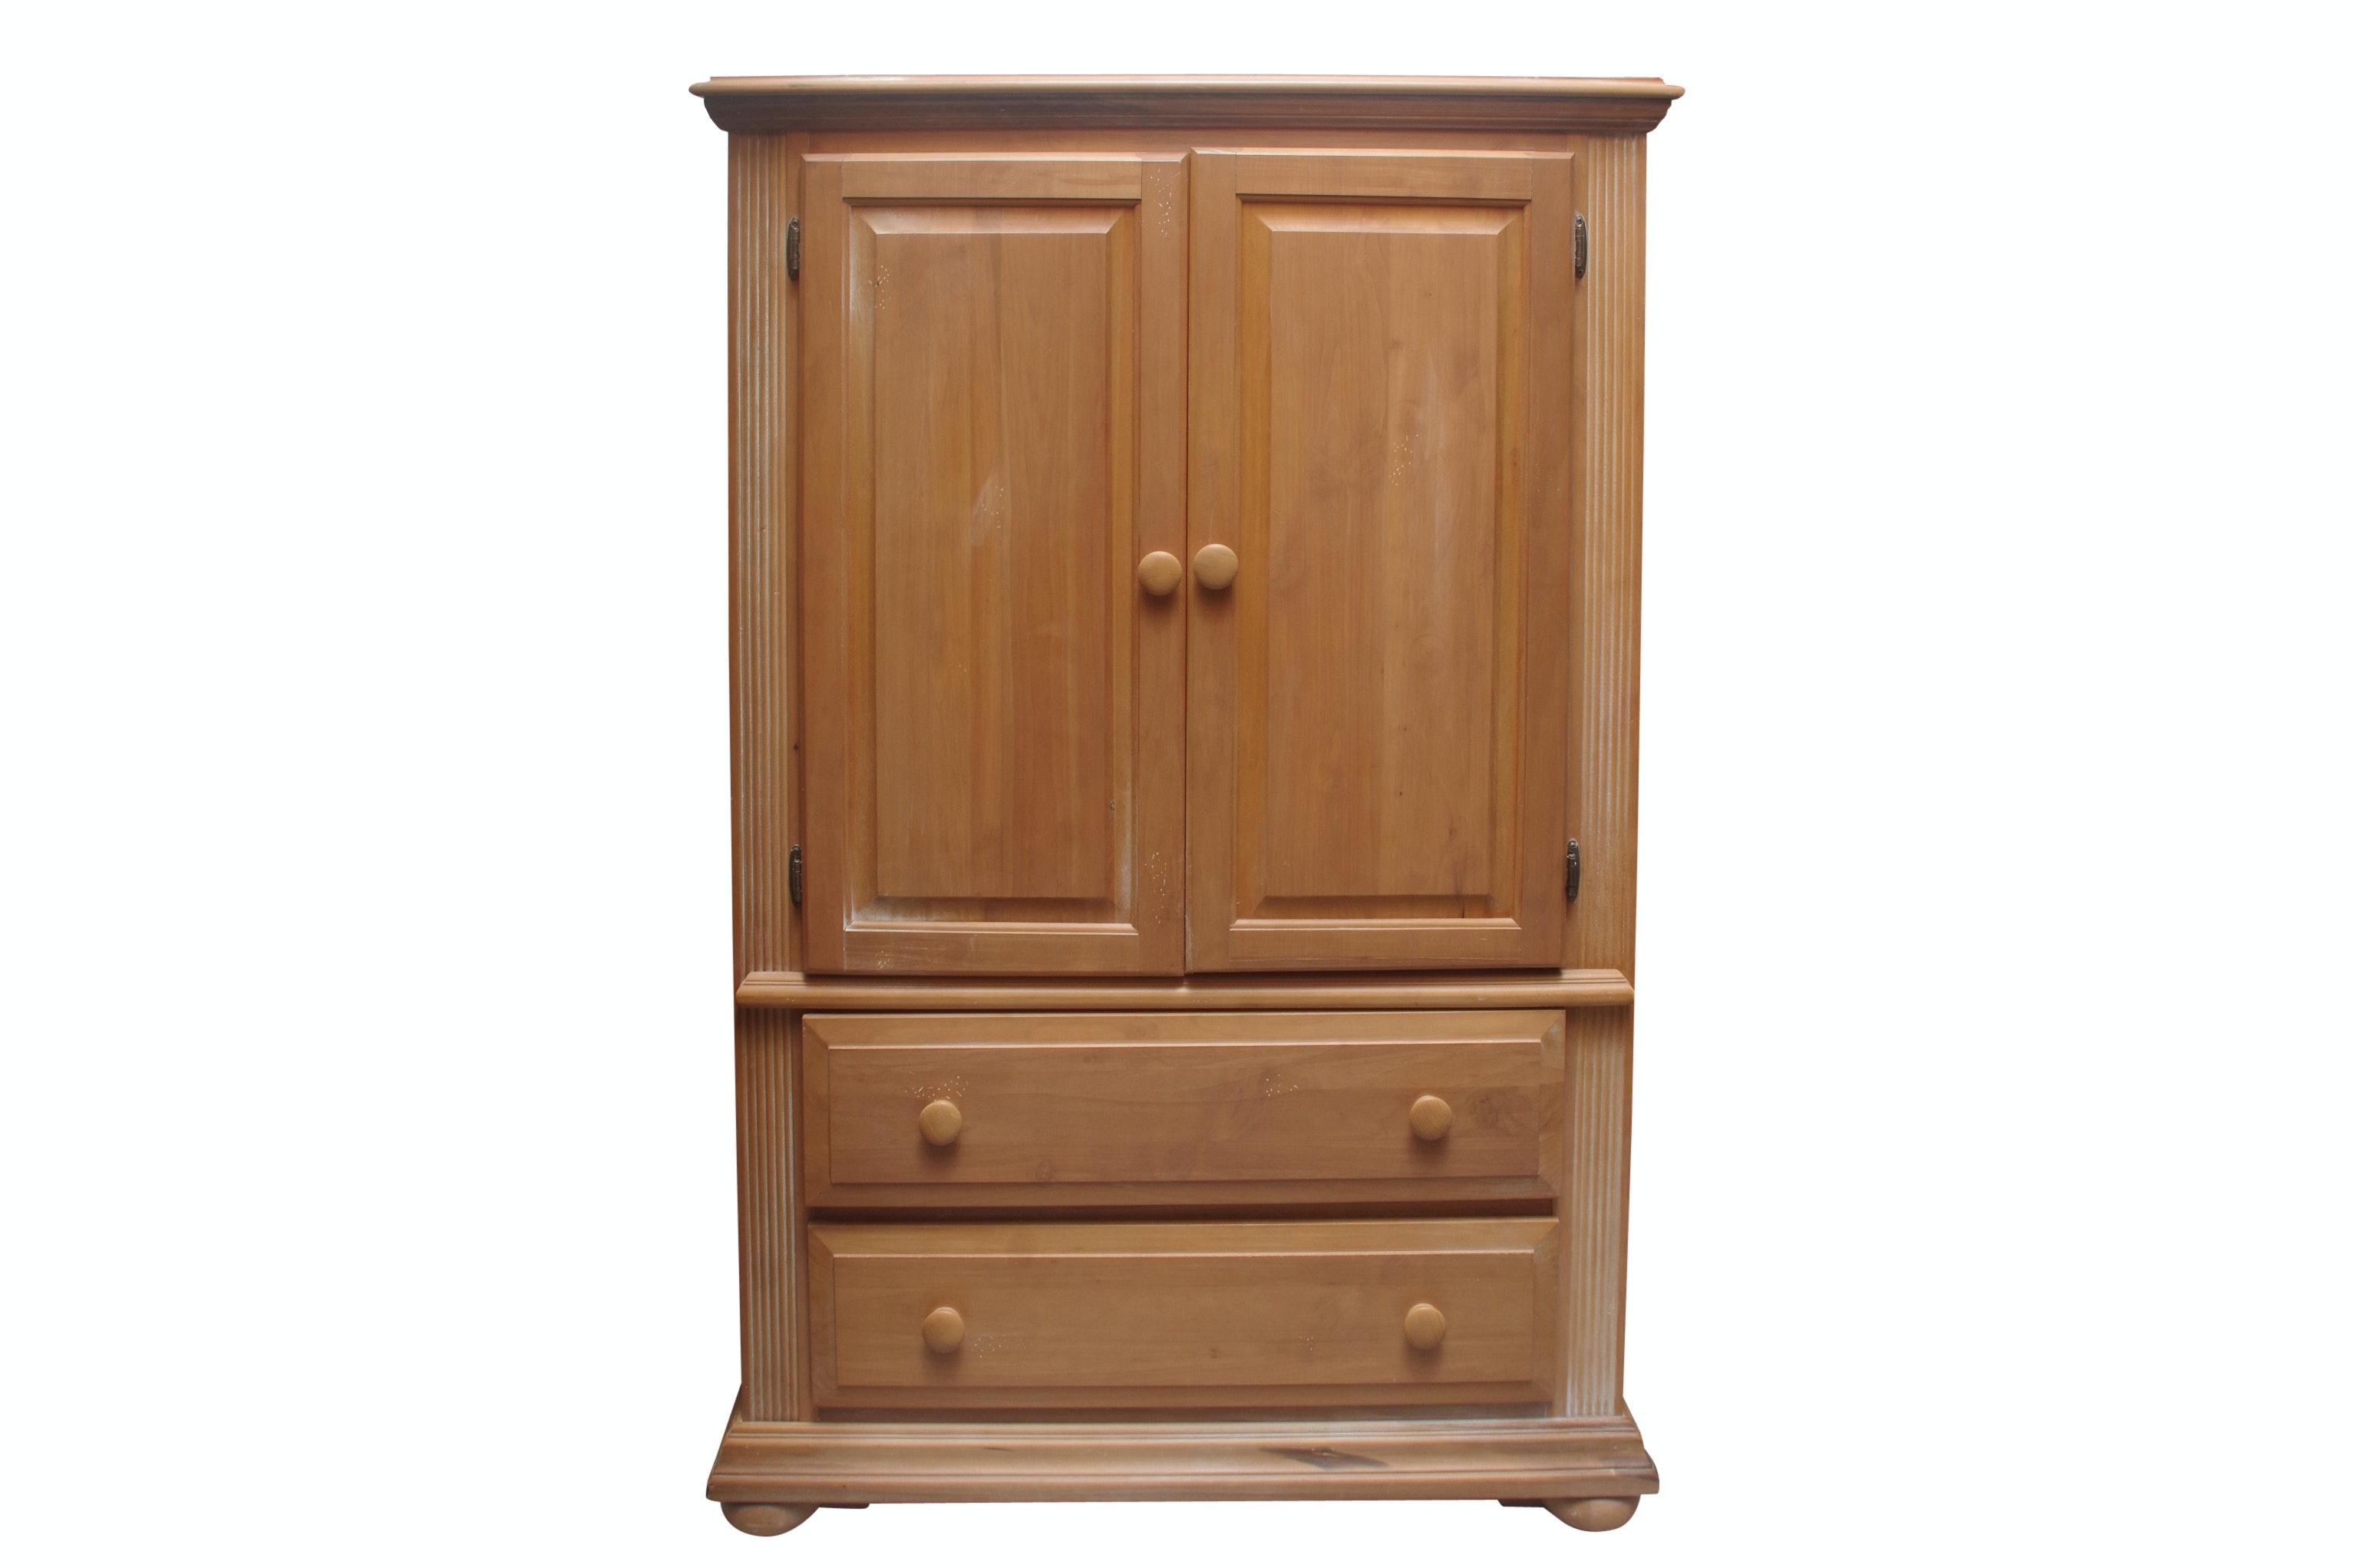 Wood Storage Cabinet